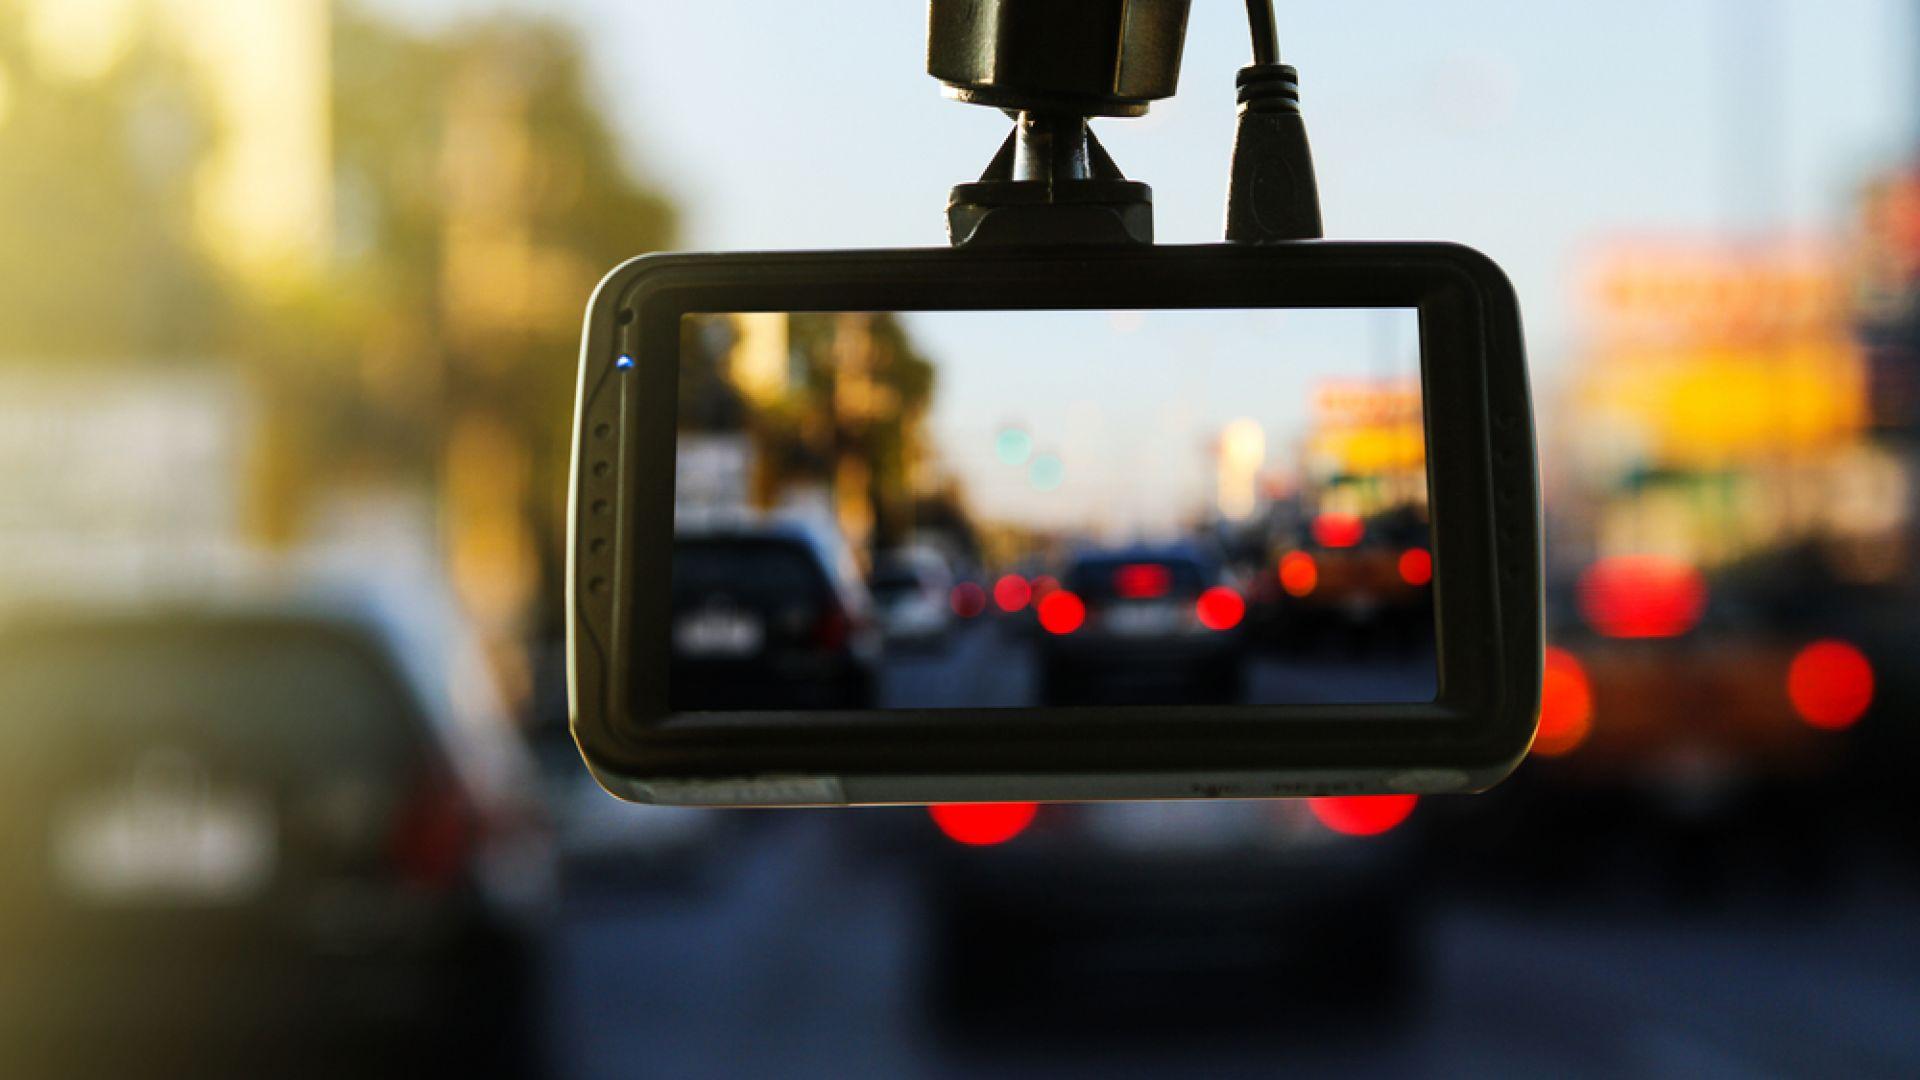 Камерата в колата напрактика е вид застраховка